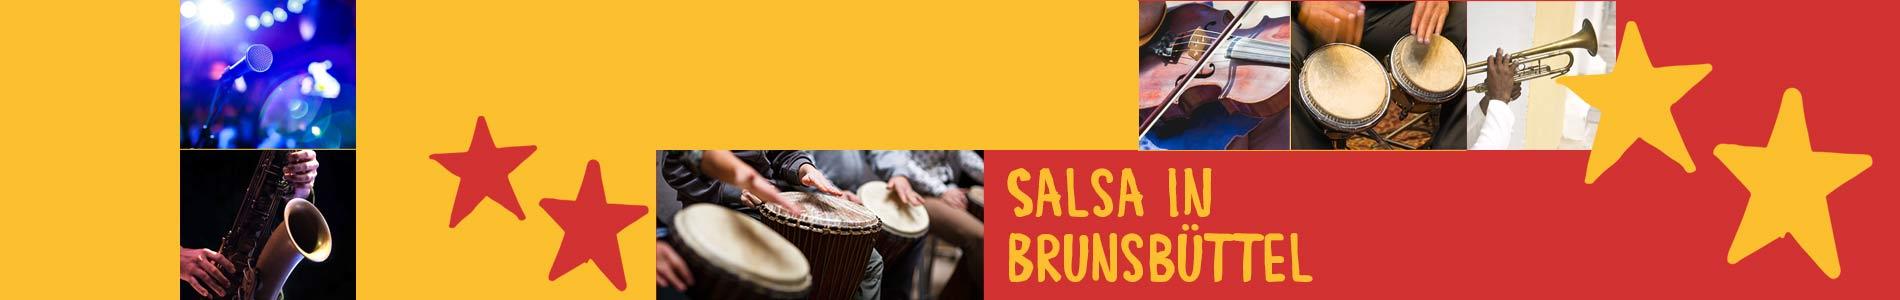 Salsa in Brunsbüttel – Salsa lernen und tanzen, Tanzkurse, Partys, Veranstaltungen